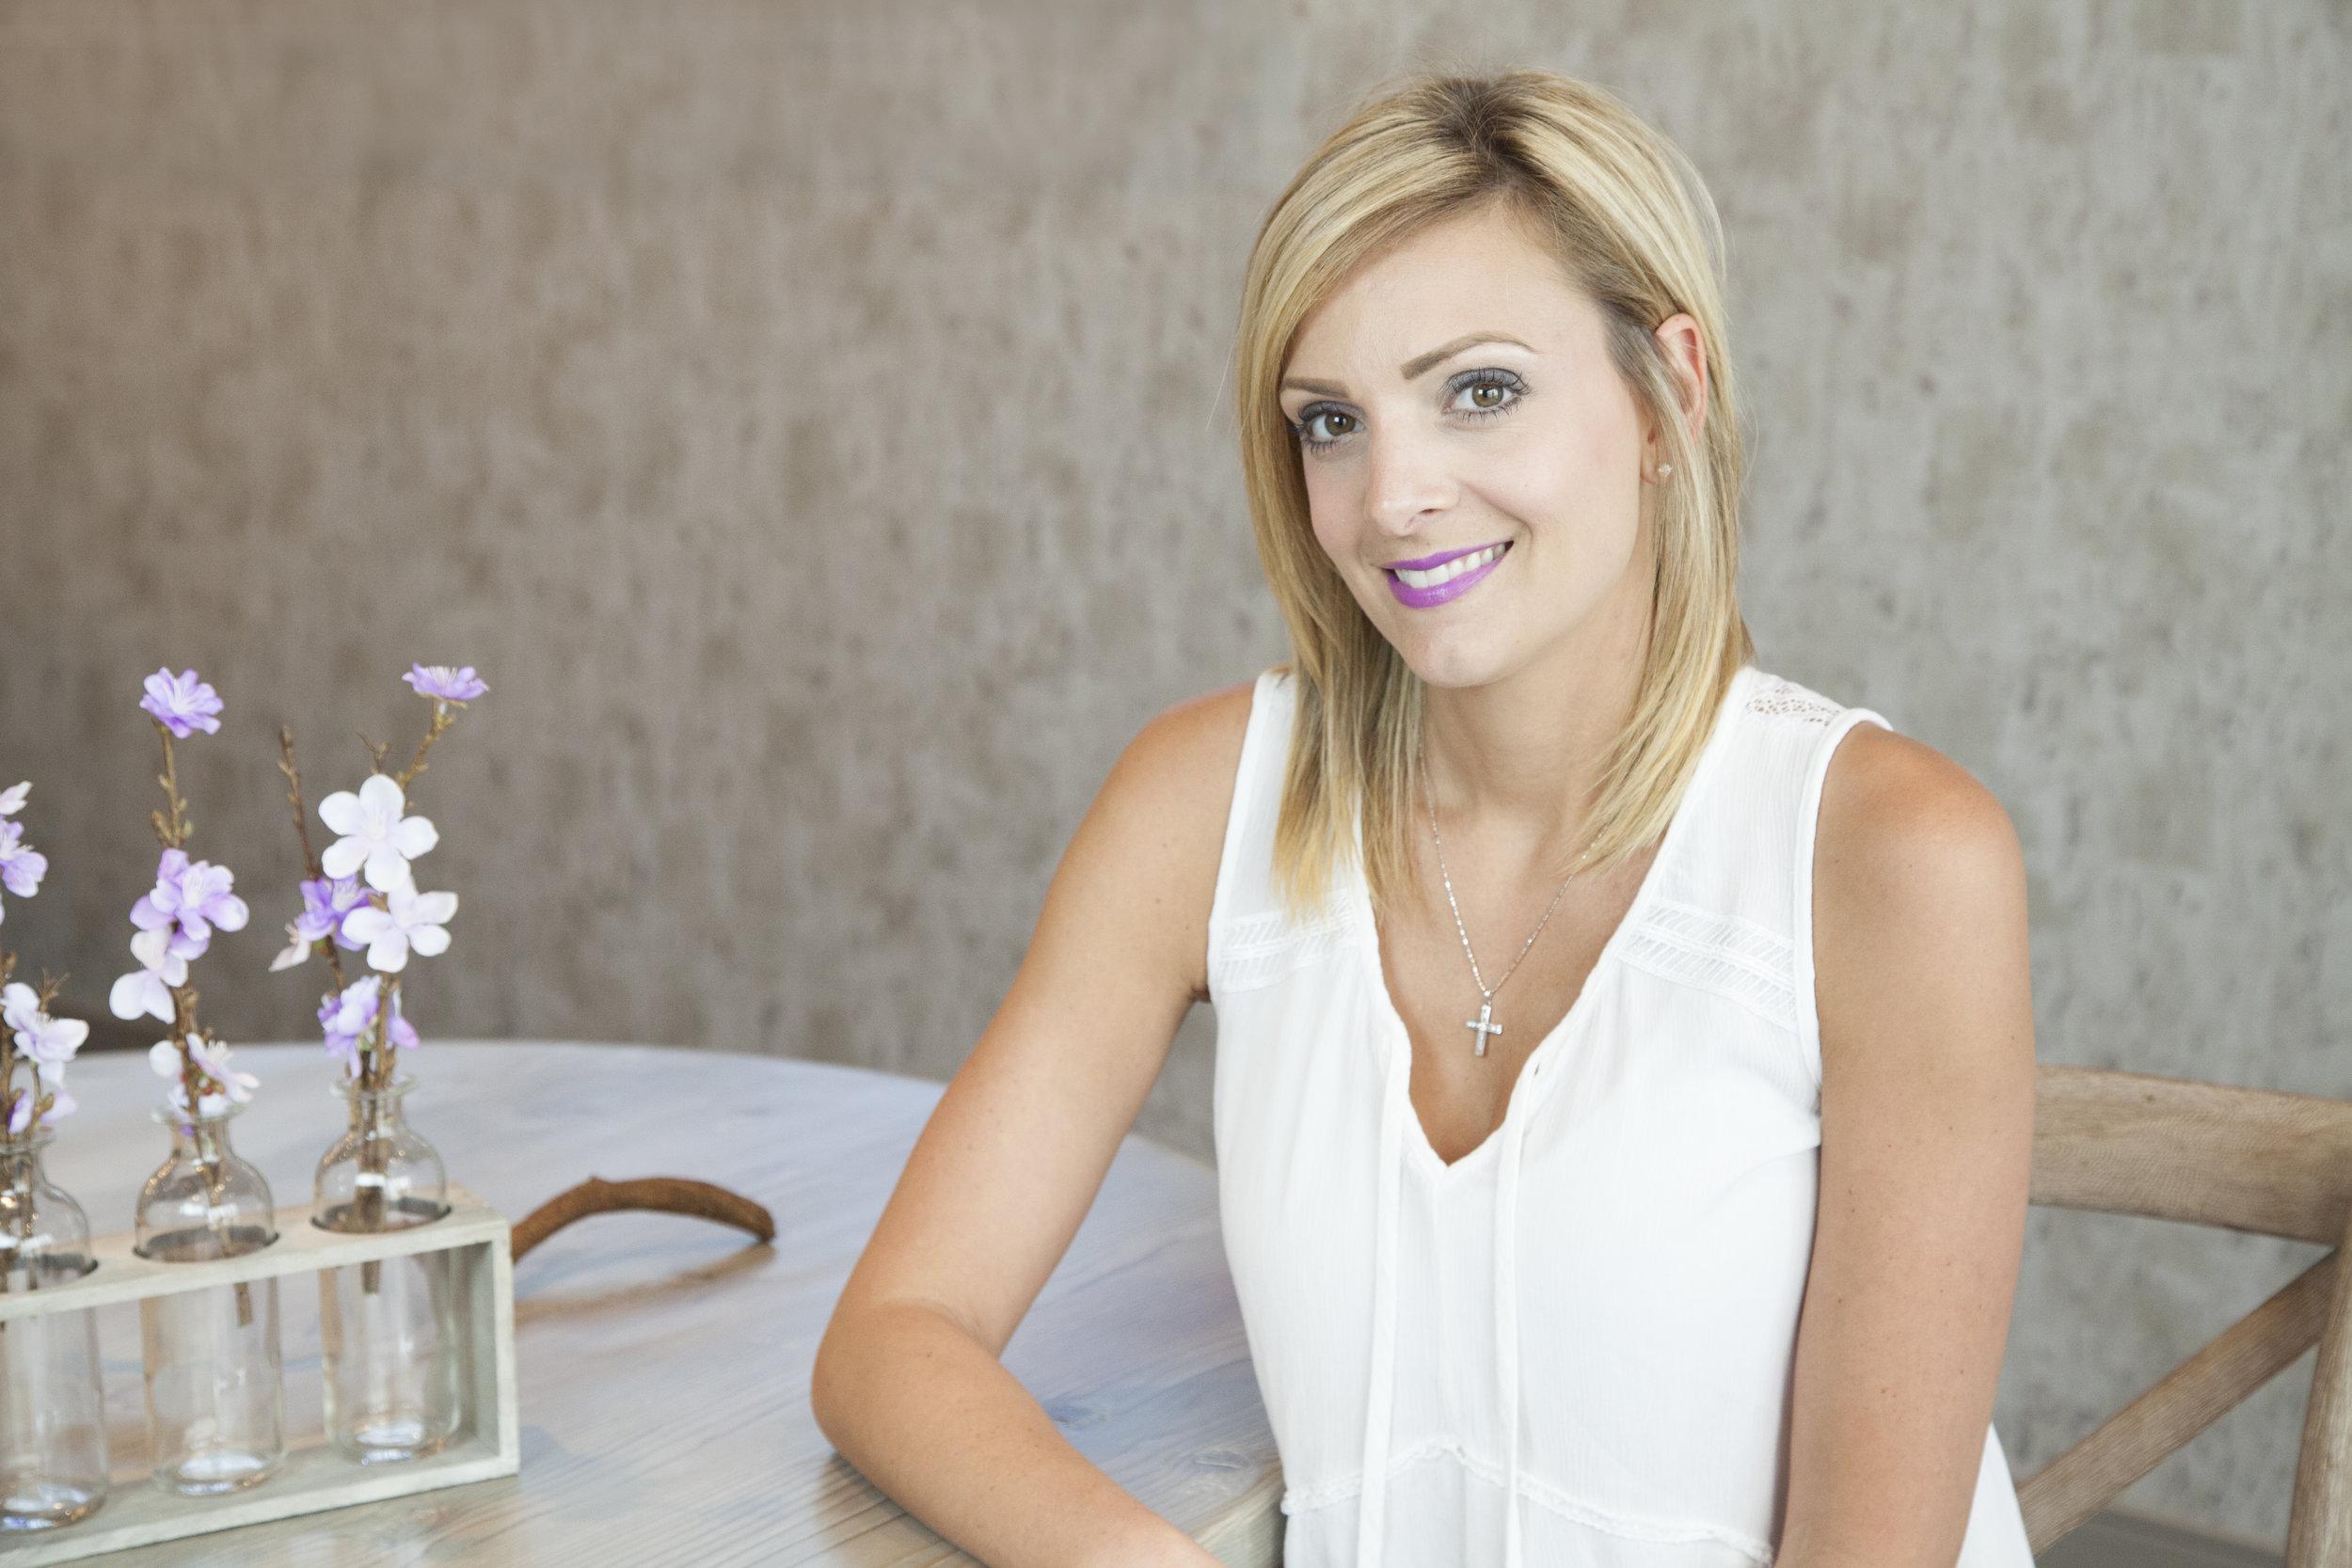 Amanda Maley, Hairstylist